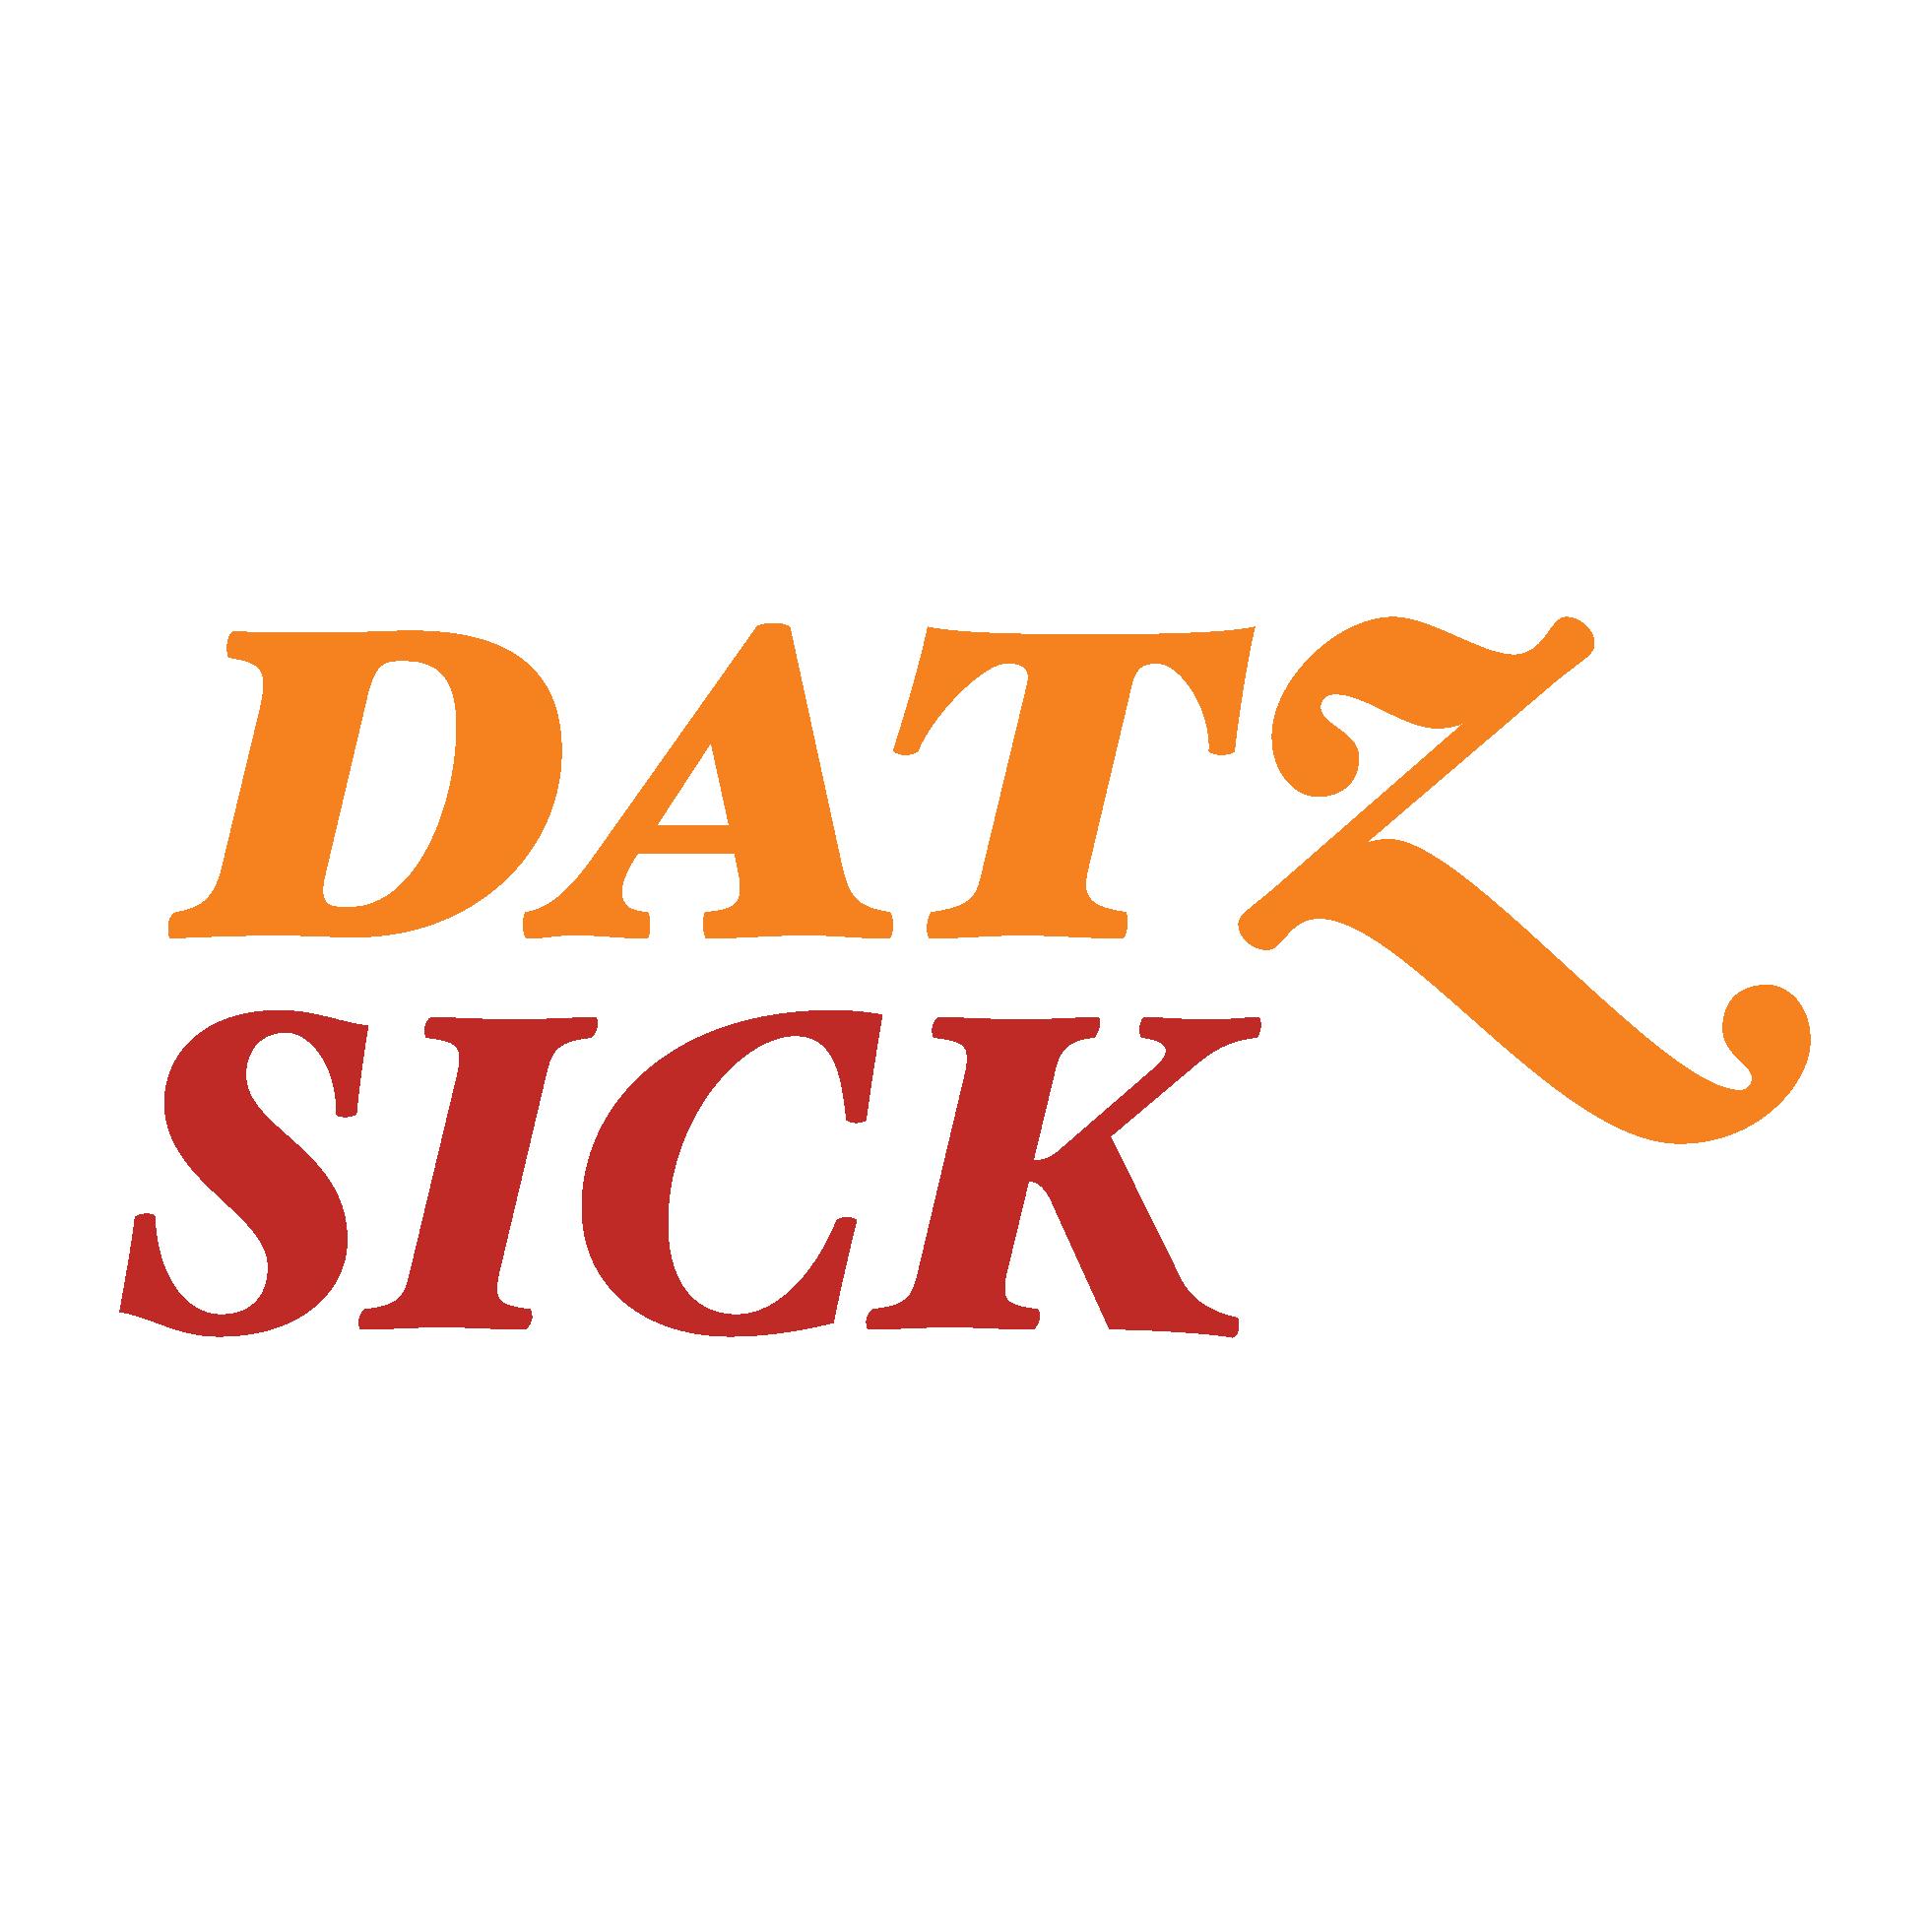 Datzmoji messages sticker-8